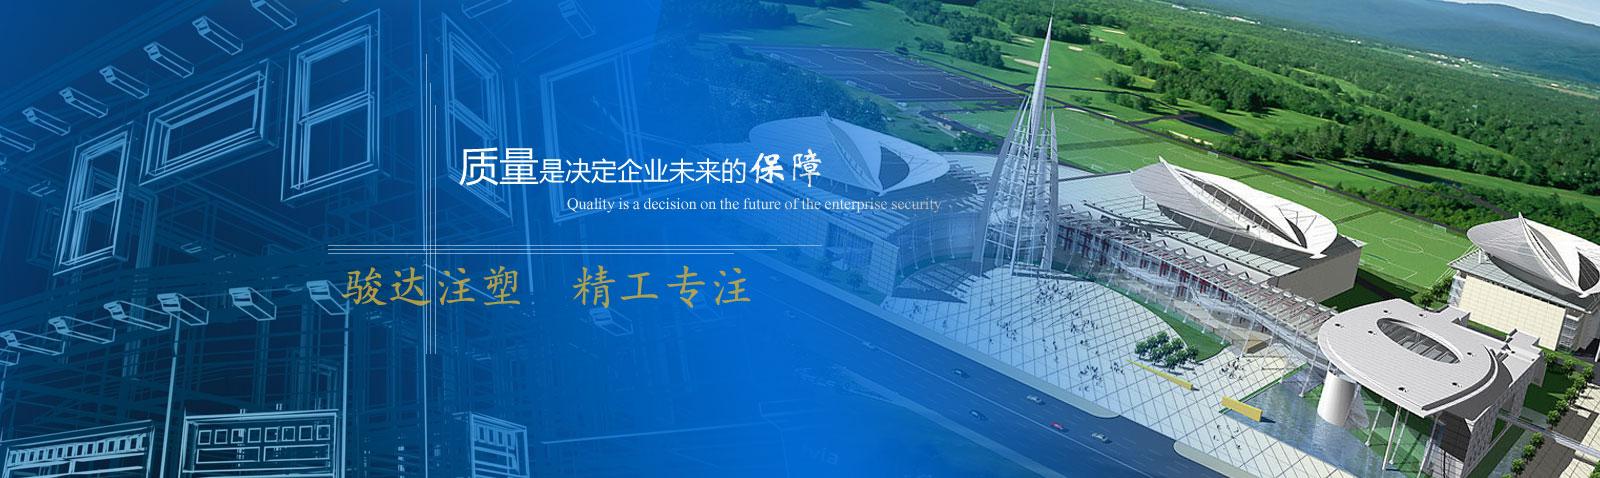 江门塑胶厂模具开发